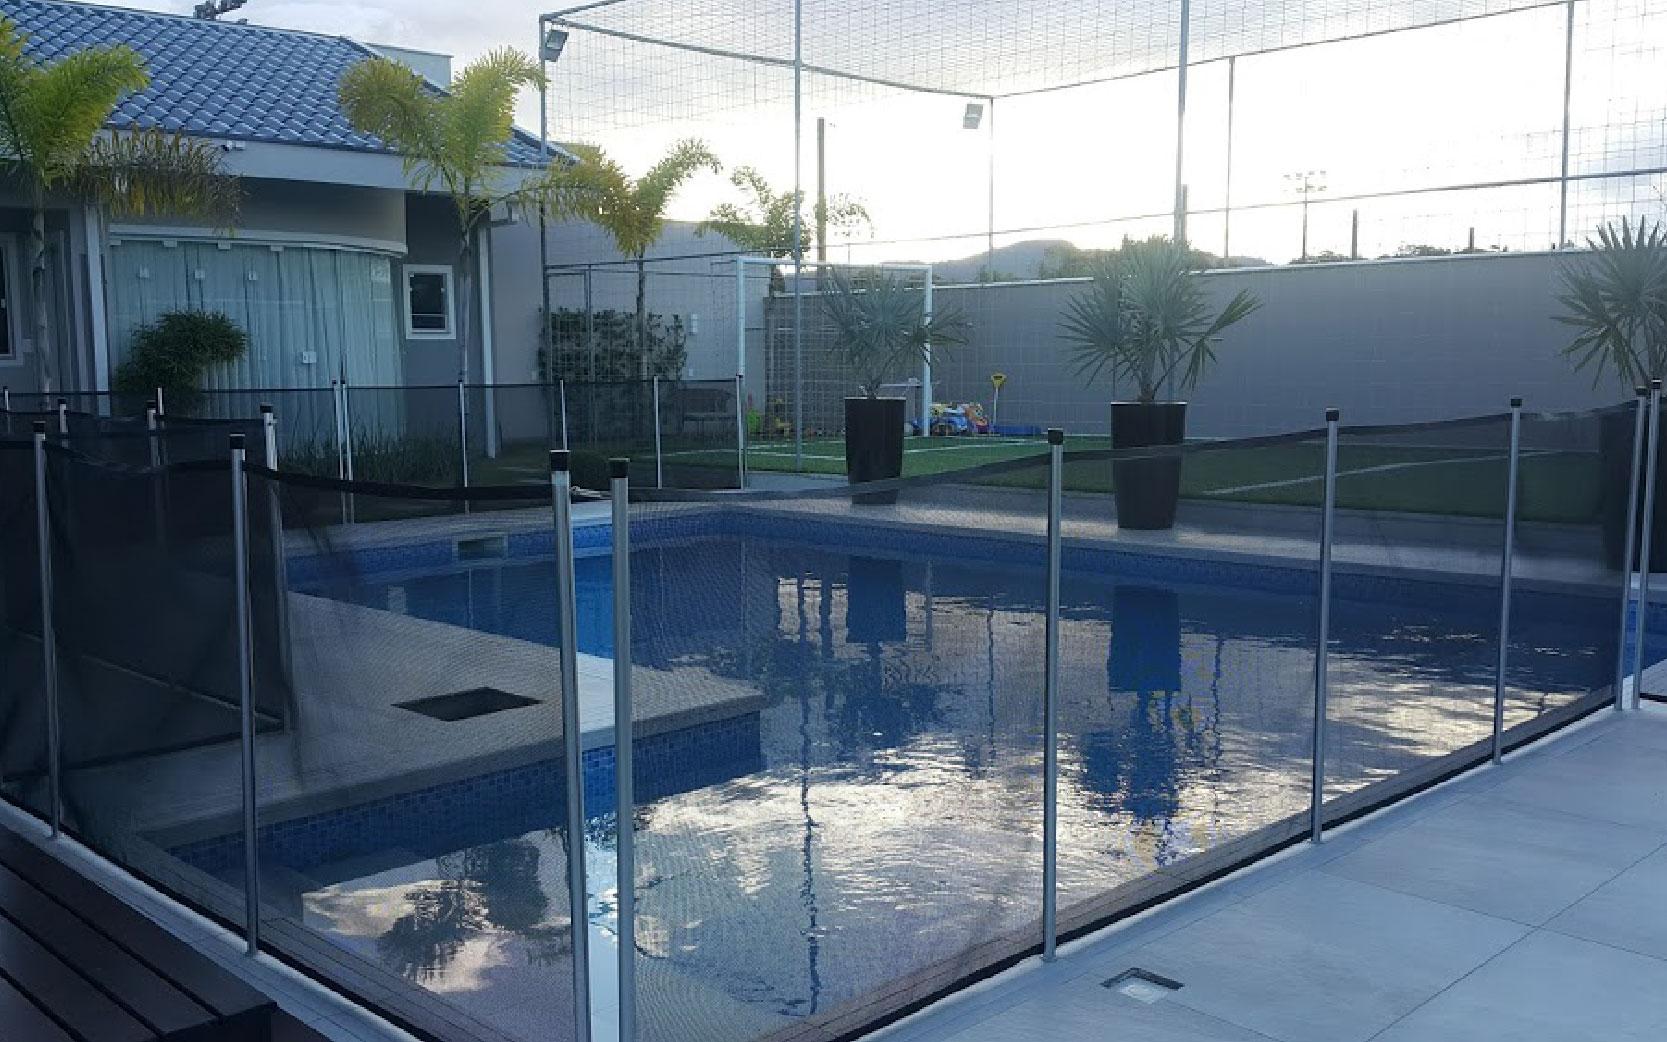 cerca_segurança_piscina-10